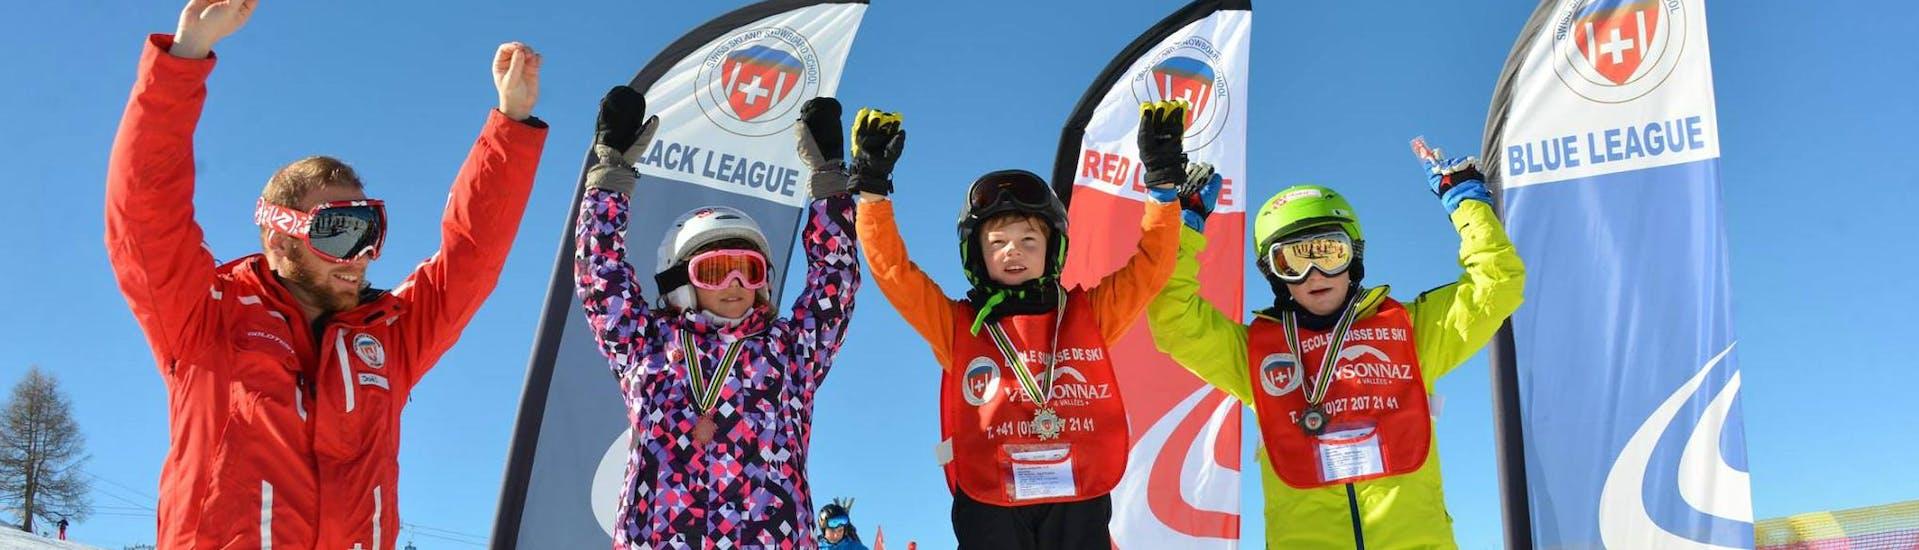 Premier Cours de ski Enfants (6-17 ans) - Matin avec École Suisse de Ski de Veysonnaz - Hero image